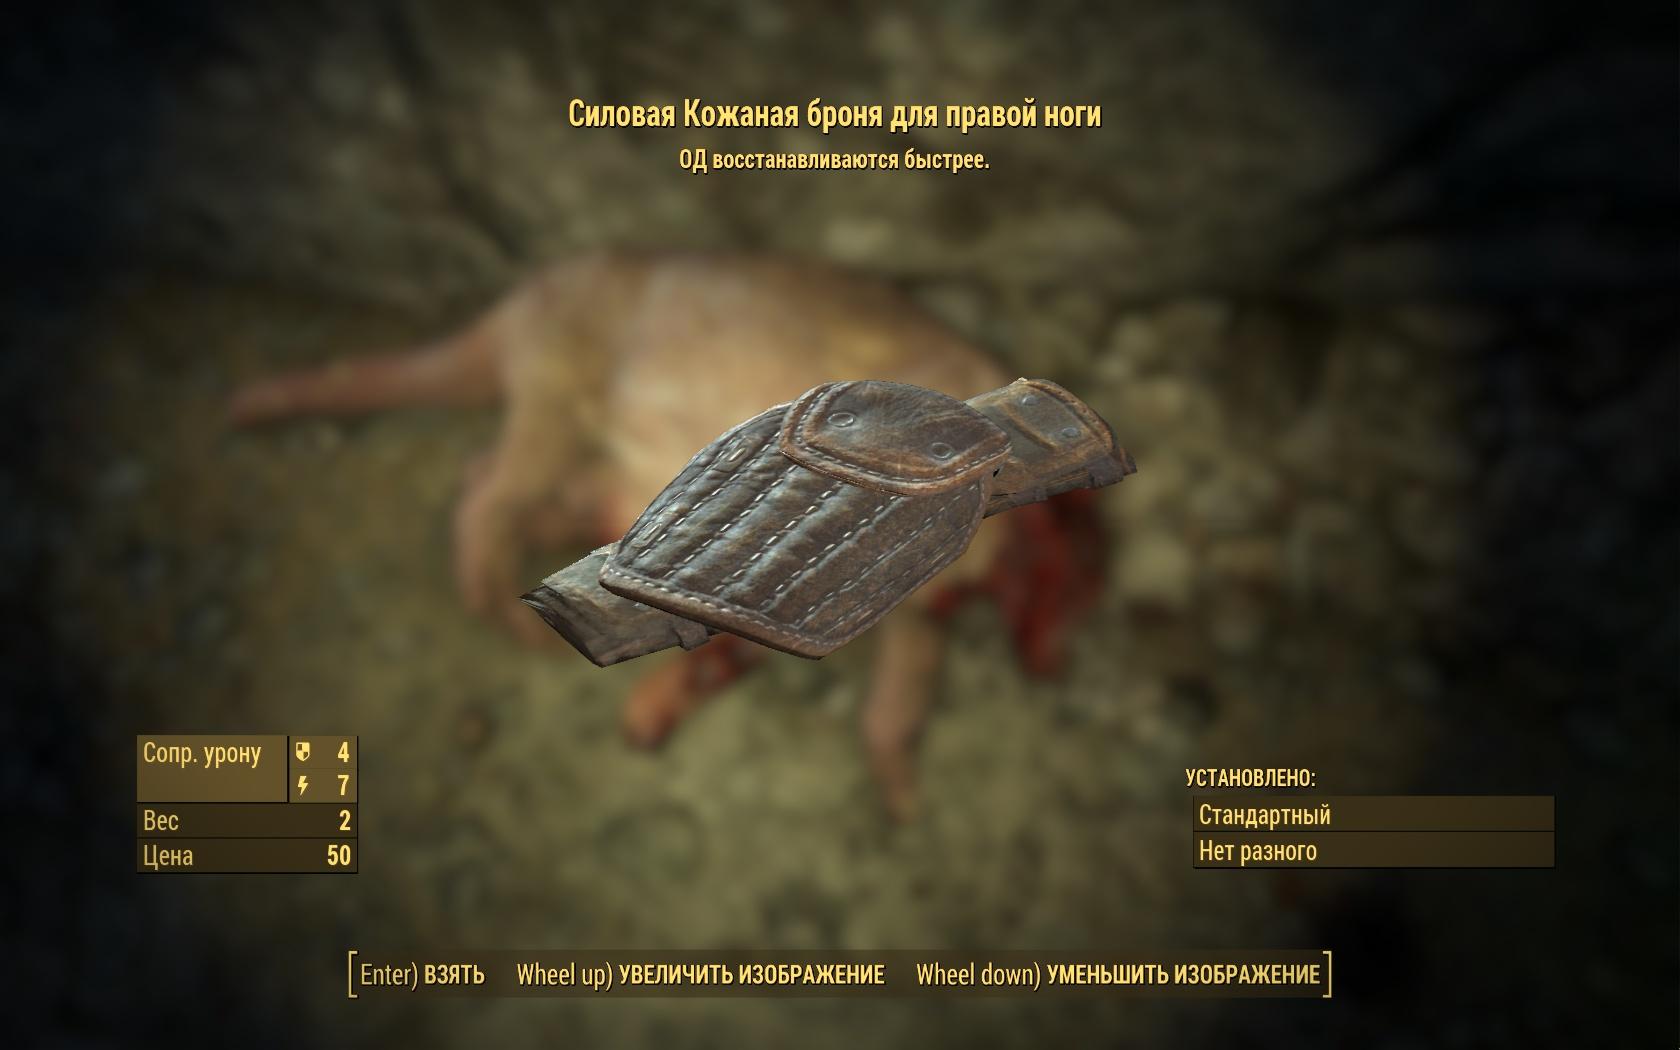 Силовая кожаная броня для правой ноги - Fallout 4 броня, кожаная, Одежда, Силовая